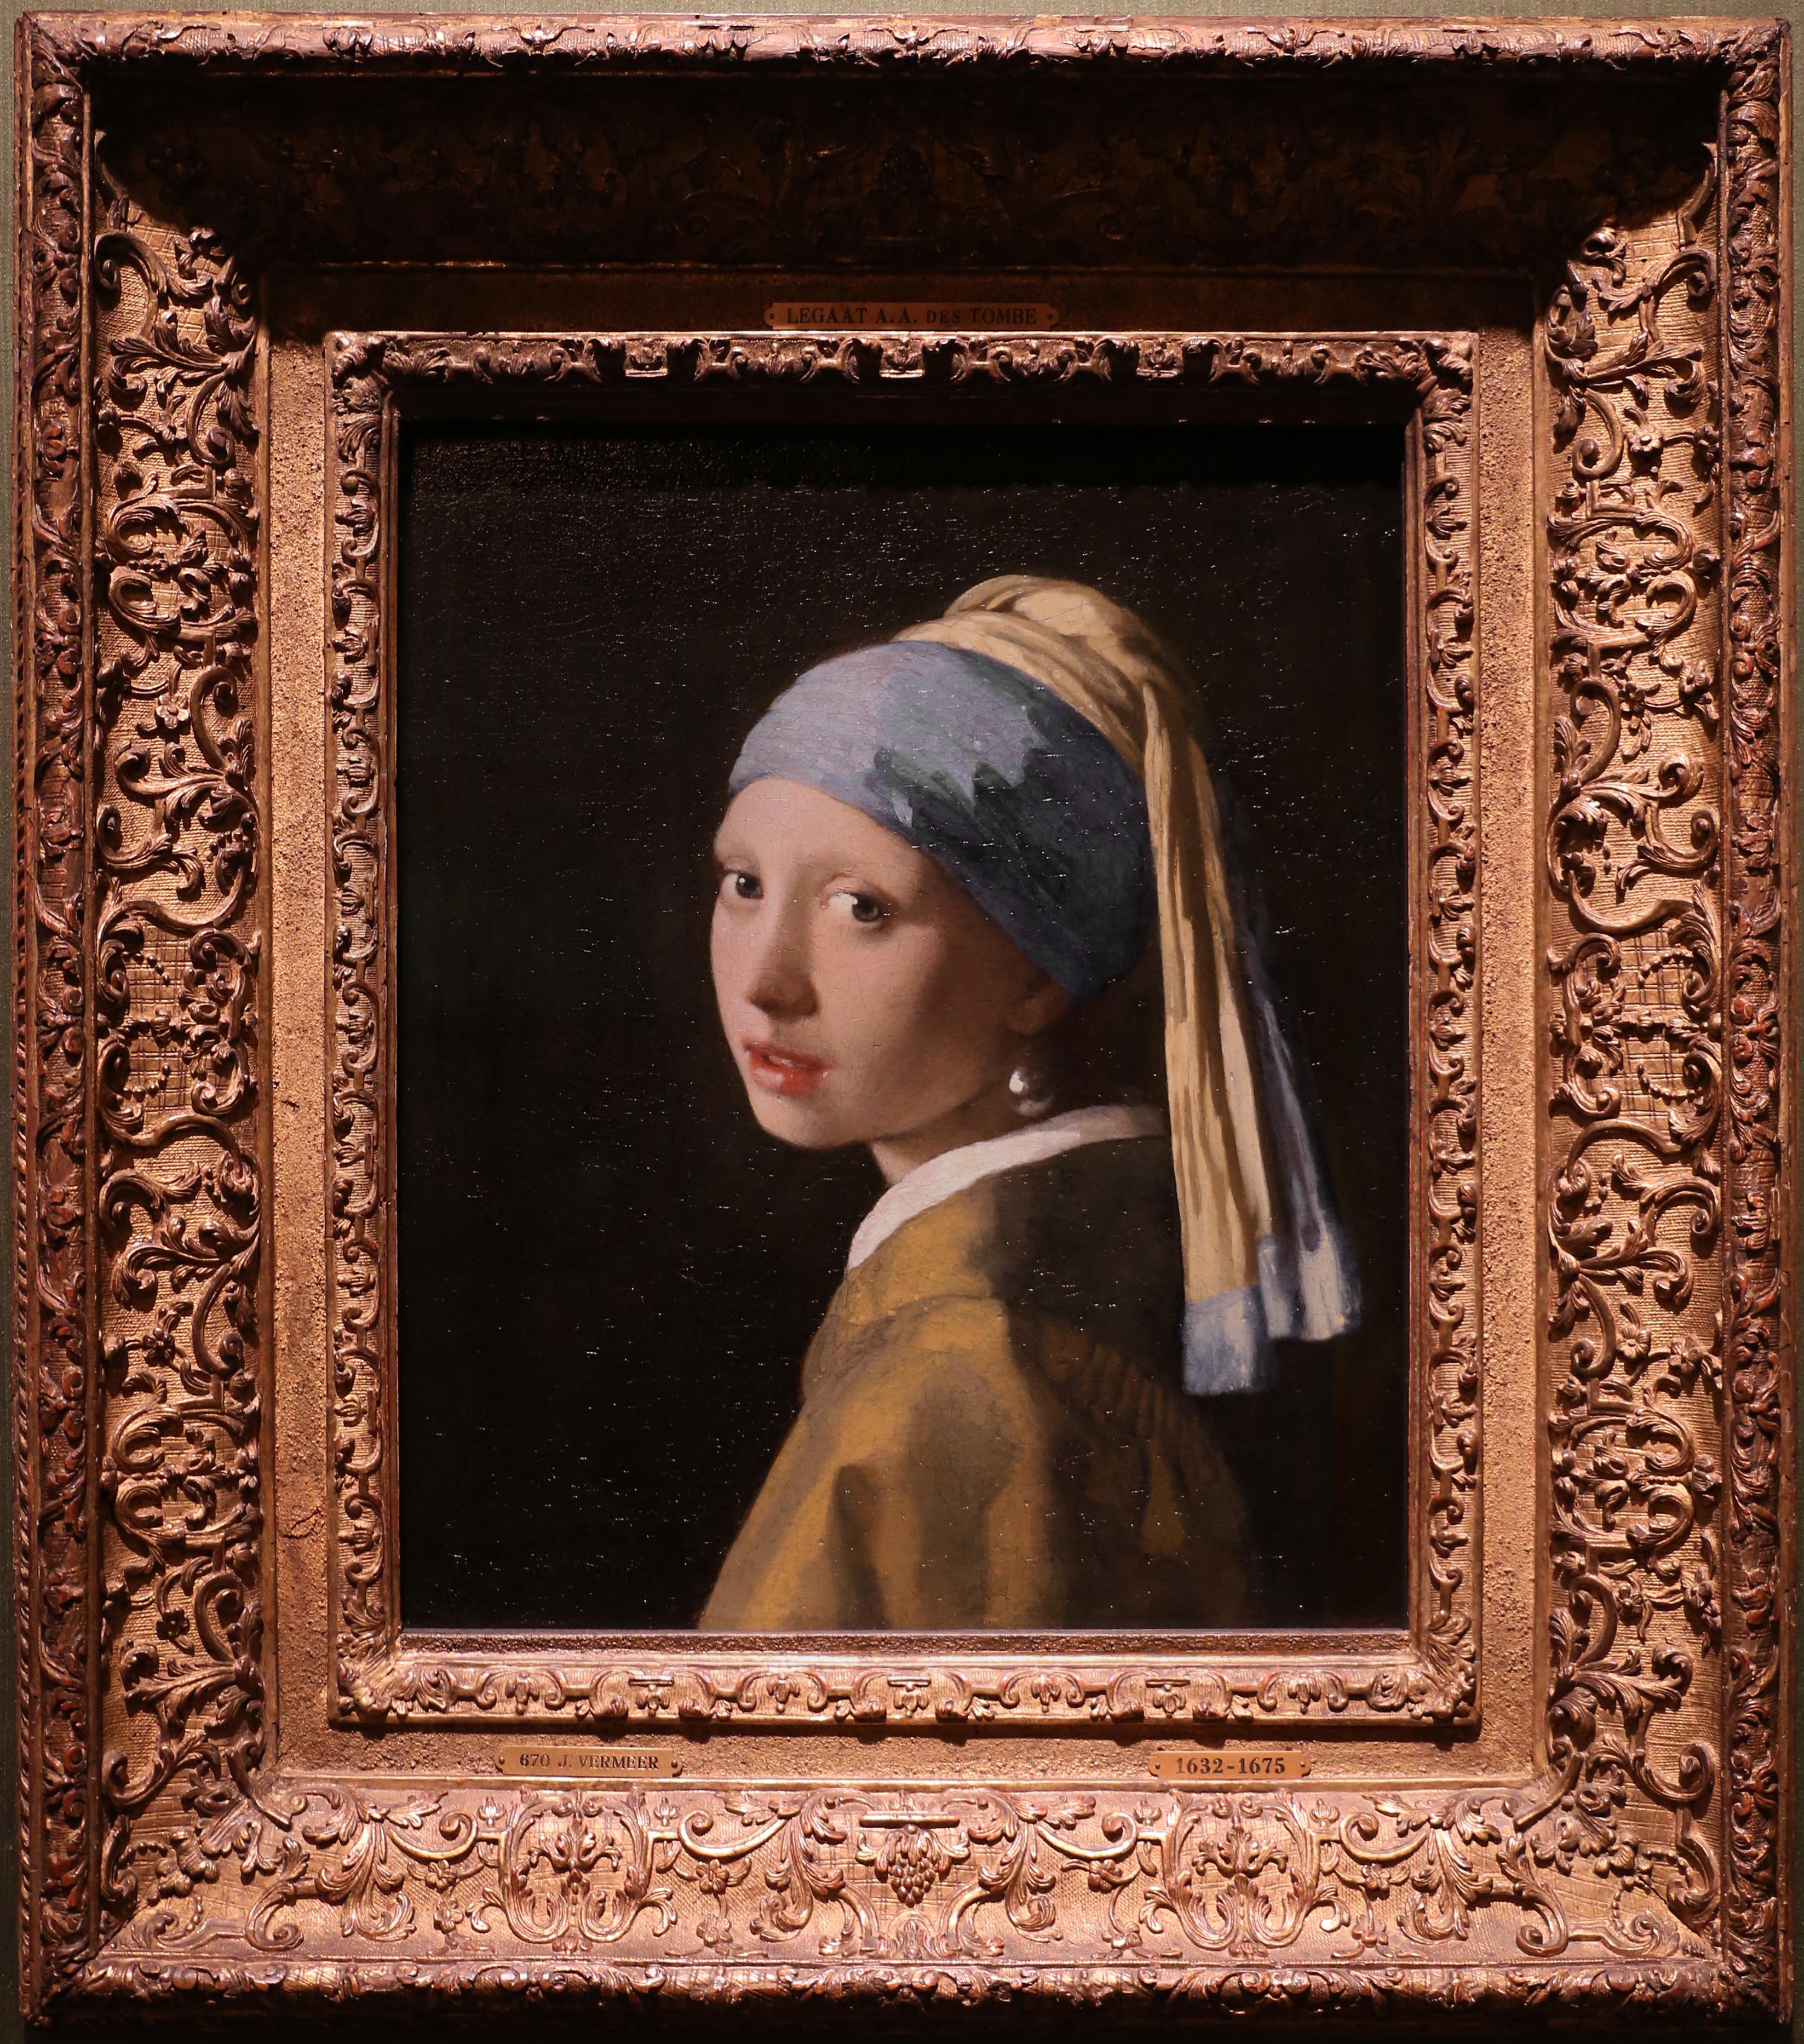 FileJohannes vermeer, ragazza con l'orecchino di perla